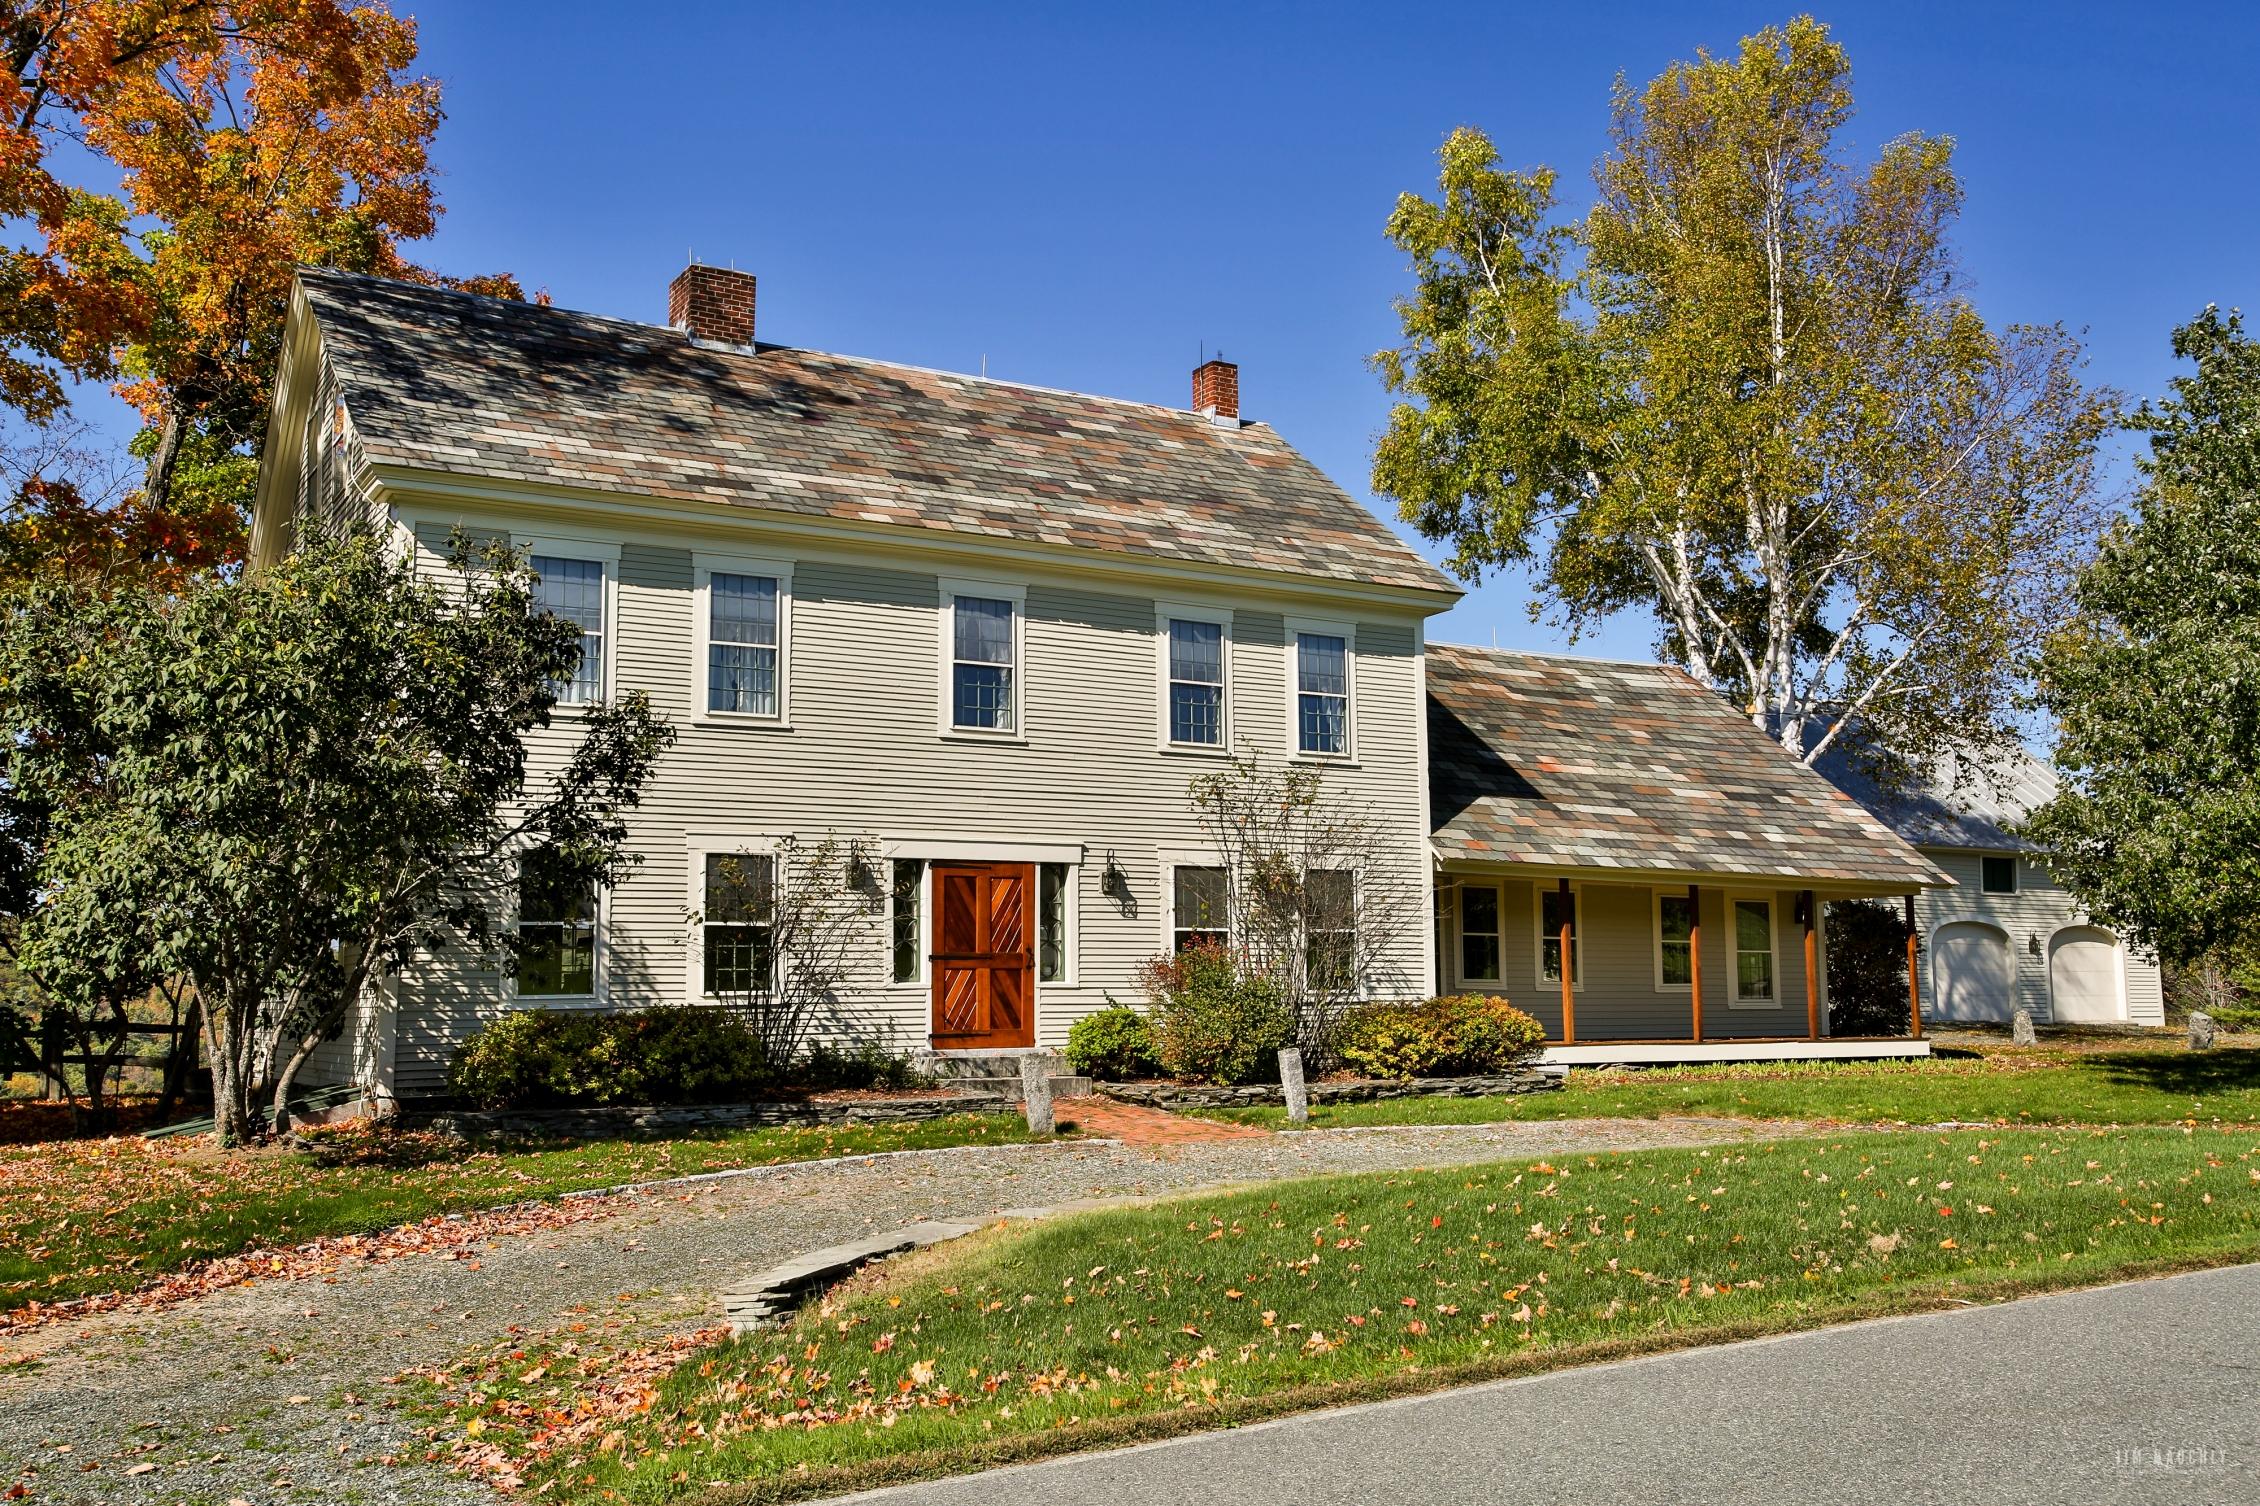 独户住宅 为 销售 在 3703 Jericho Street, Hartford 哈特福特, 佛蒙特州, 05001 美国